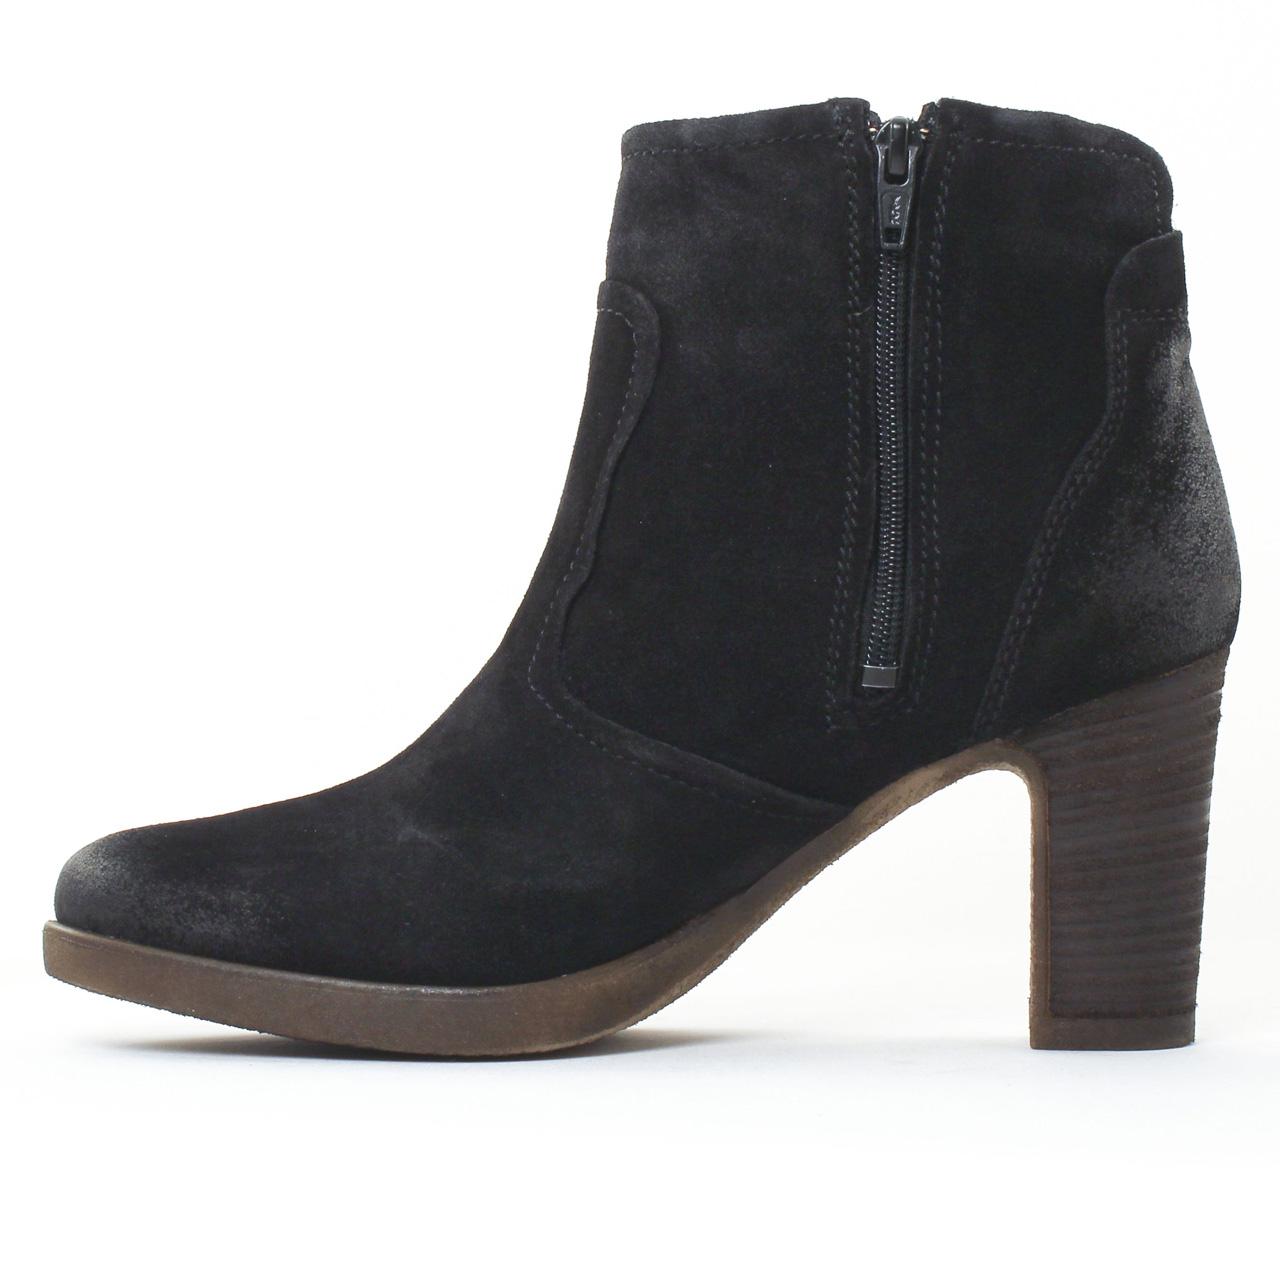 tamaris 25386 black boot talon noir automne hiver chez trois par 3. Black Bedroom Furniture Sets. Home Design Ideas